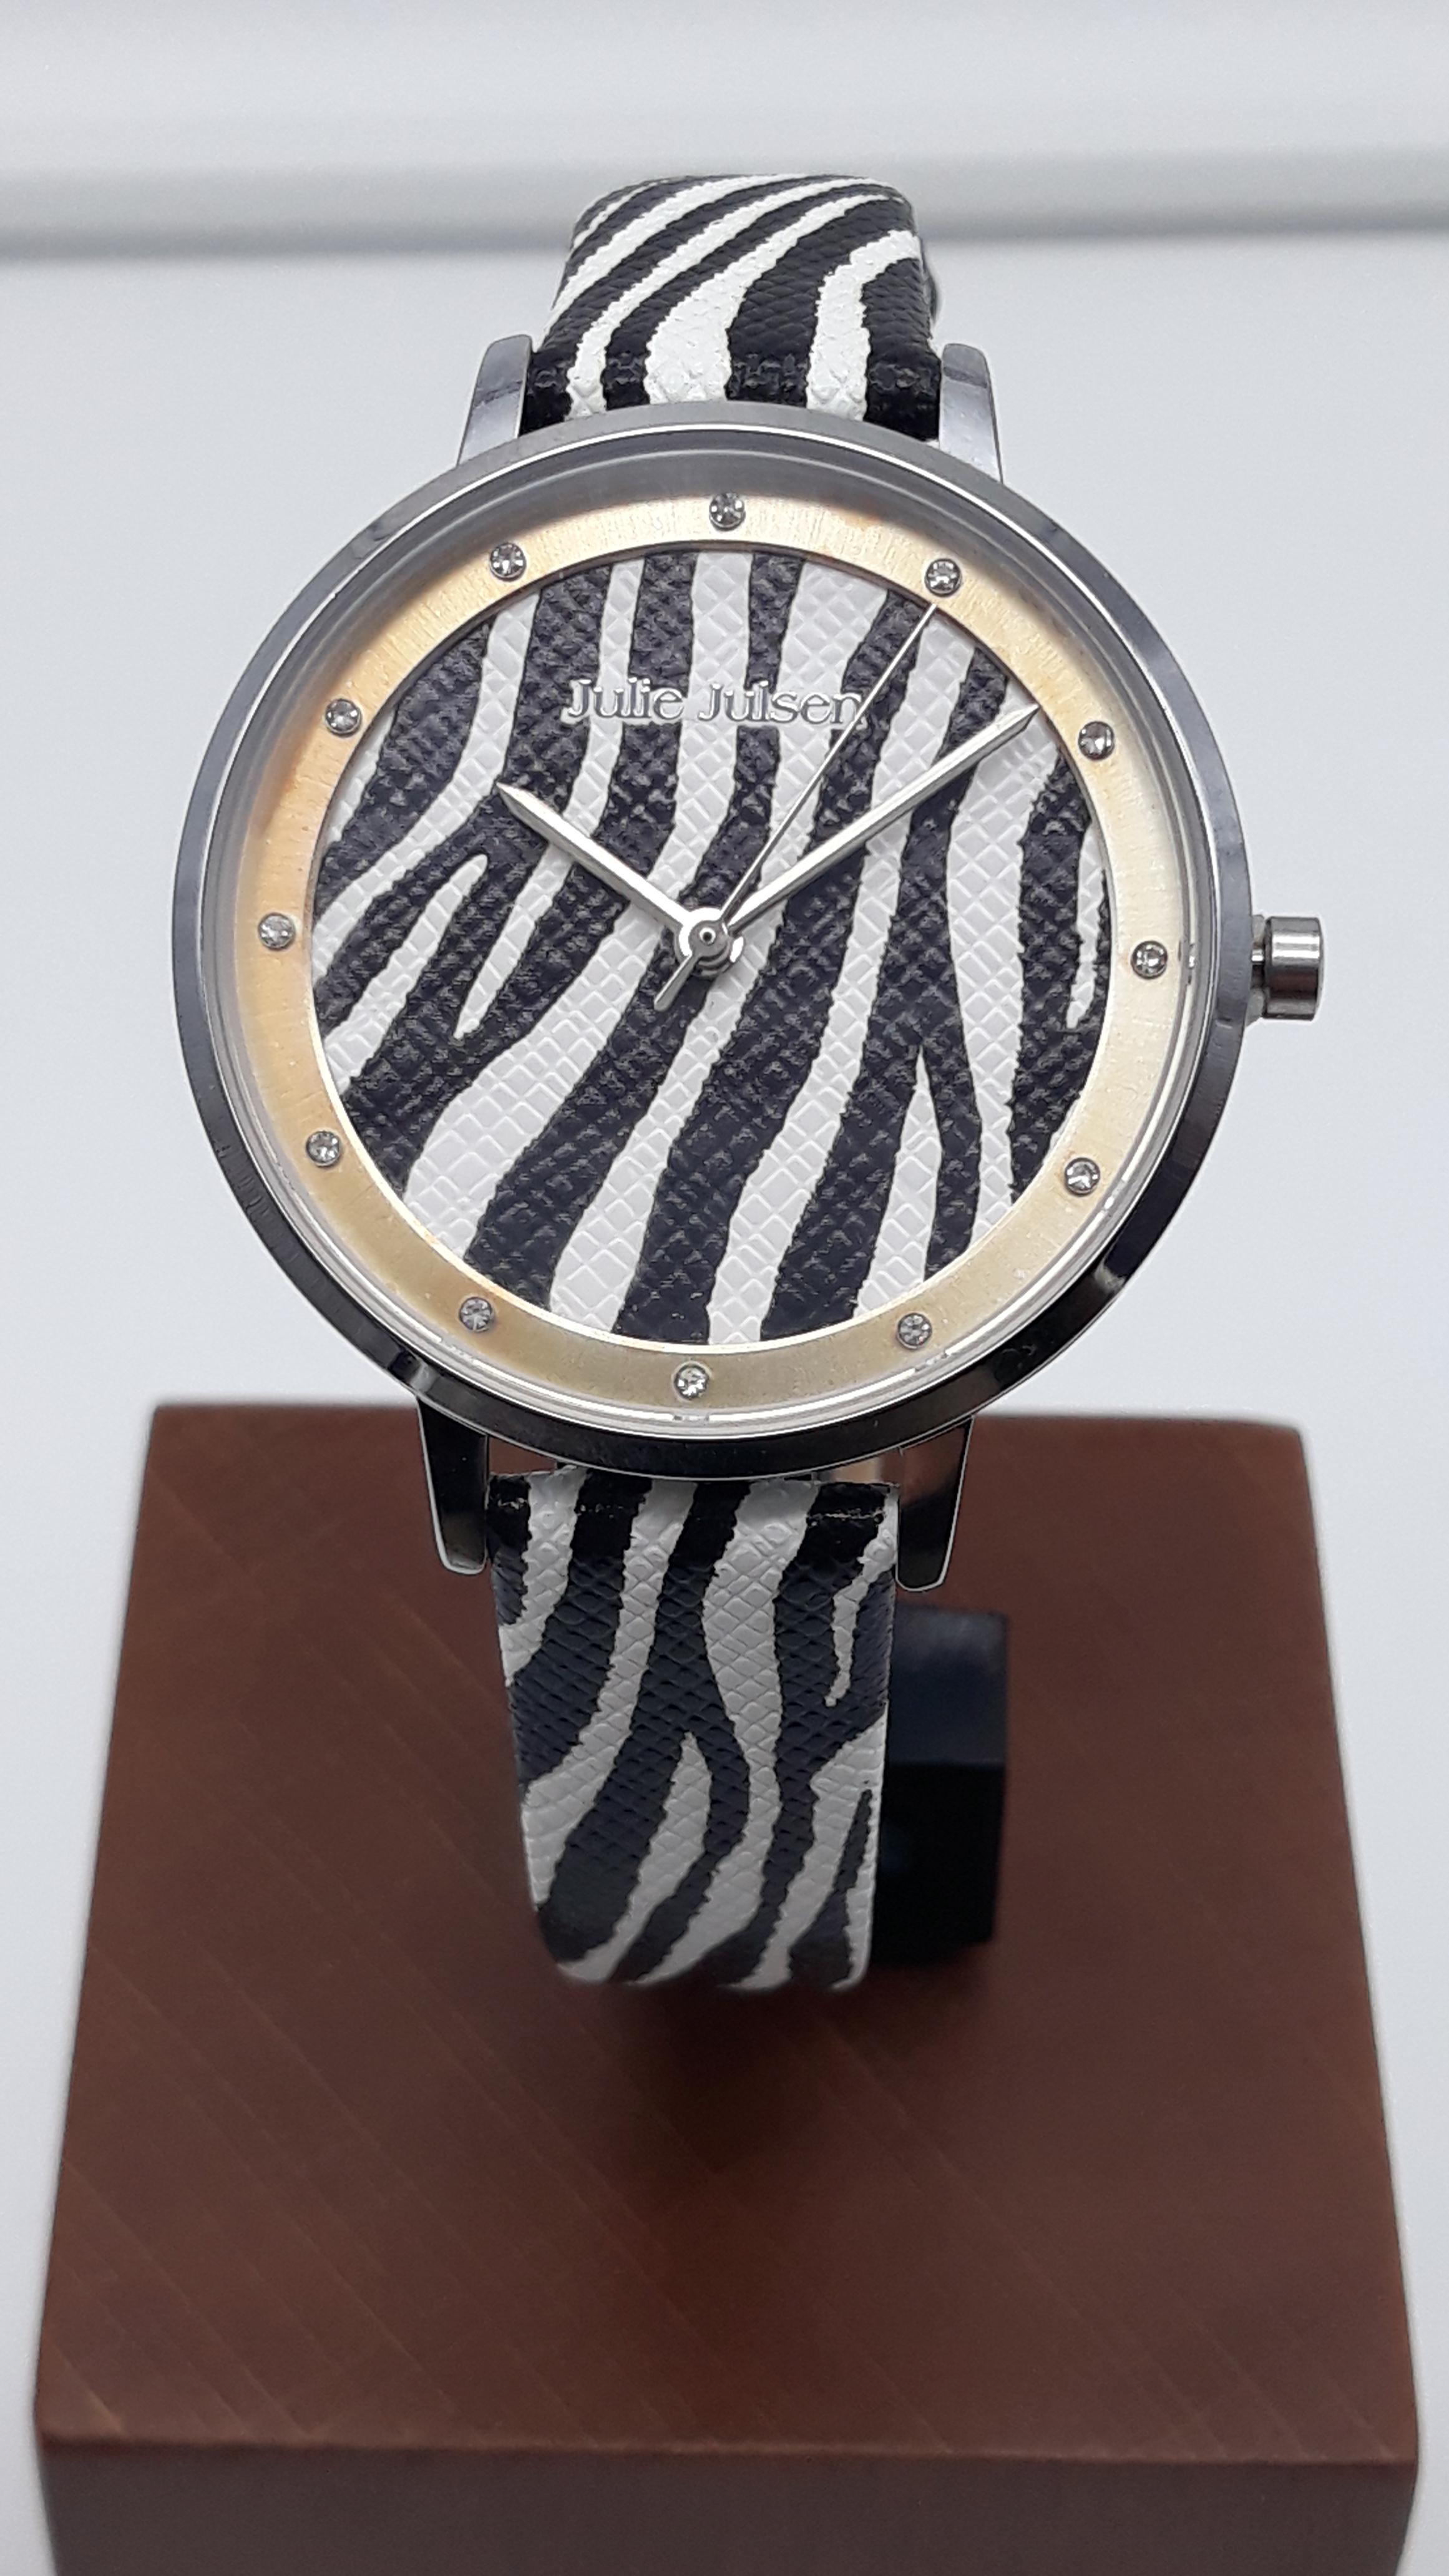 Orologio Donna Julie Julsen JJW1203SL-Z Safari Zebra, vendita on line | OREFICERIA BRUNI Imperia